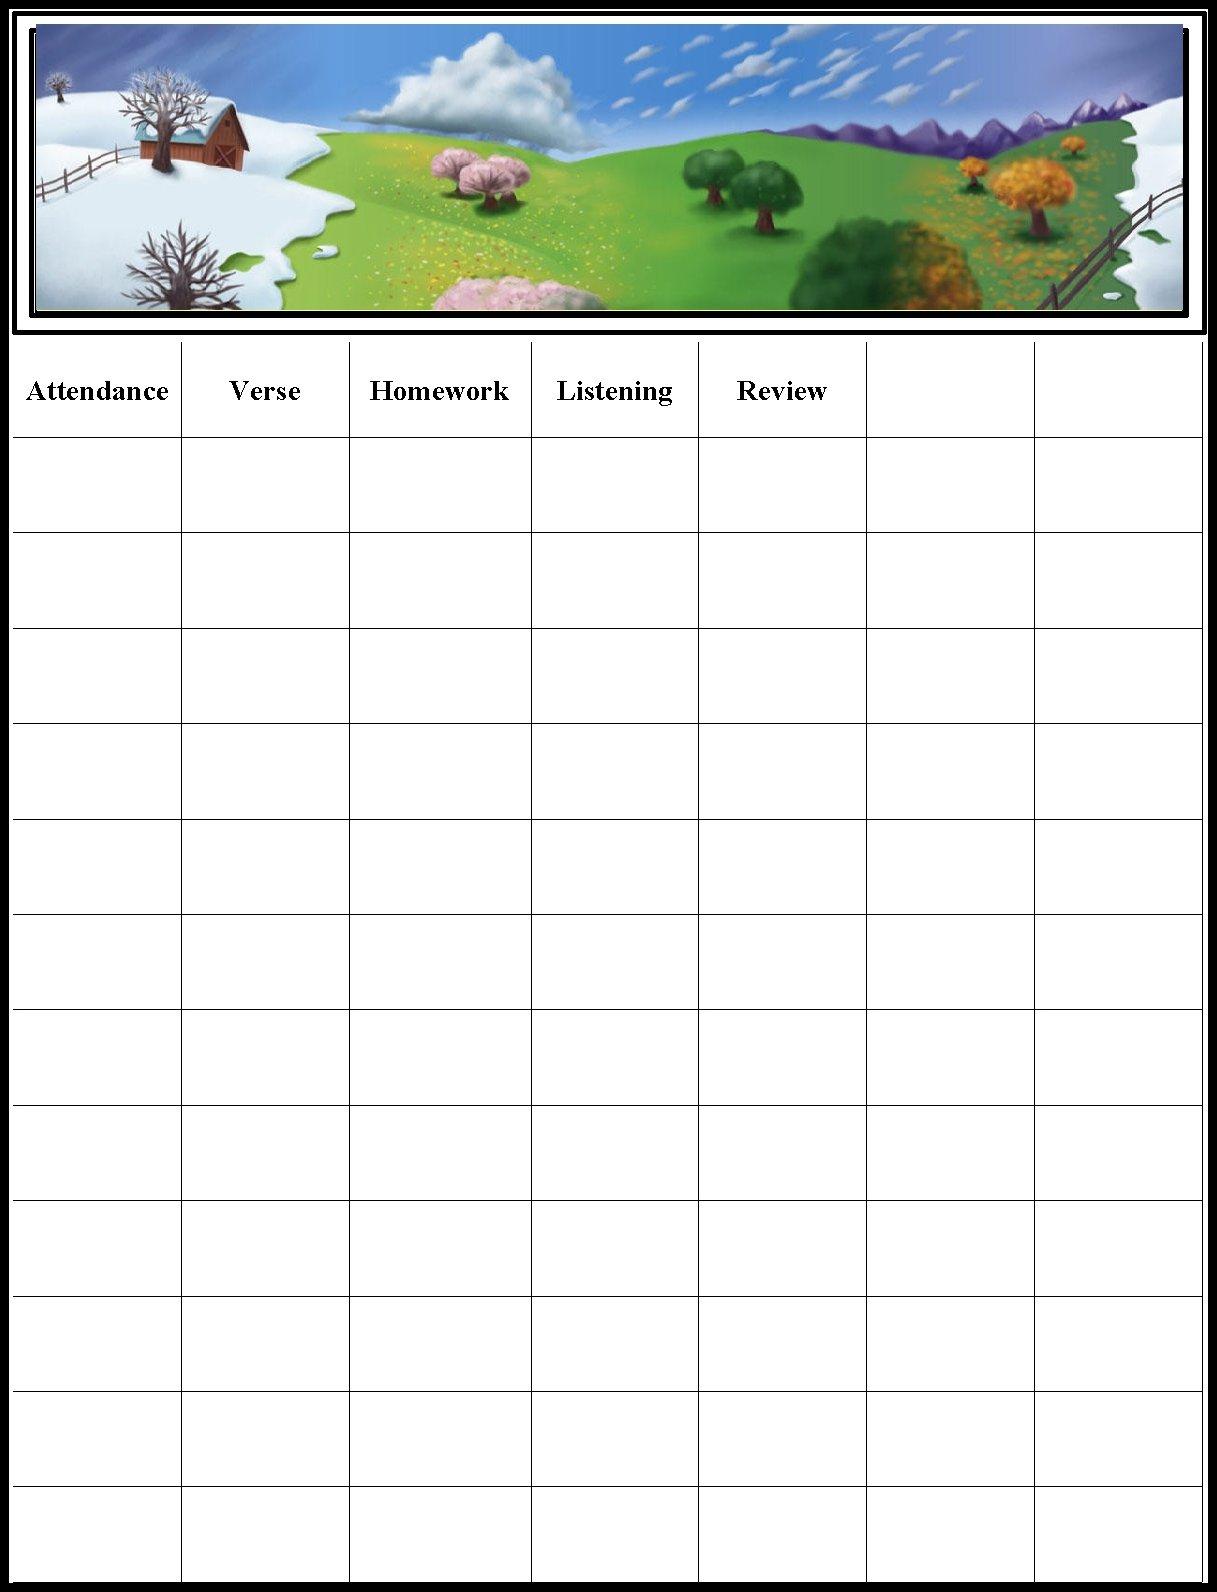 Children's Gems In My Treasure Box: Sunday School - Attendance Chart - Sunday School Attendance Chart Free Printable